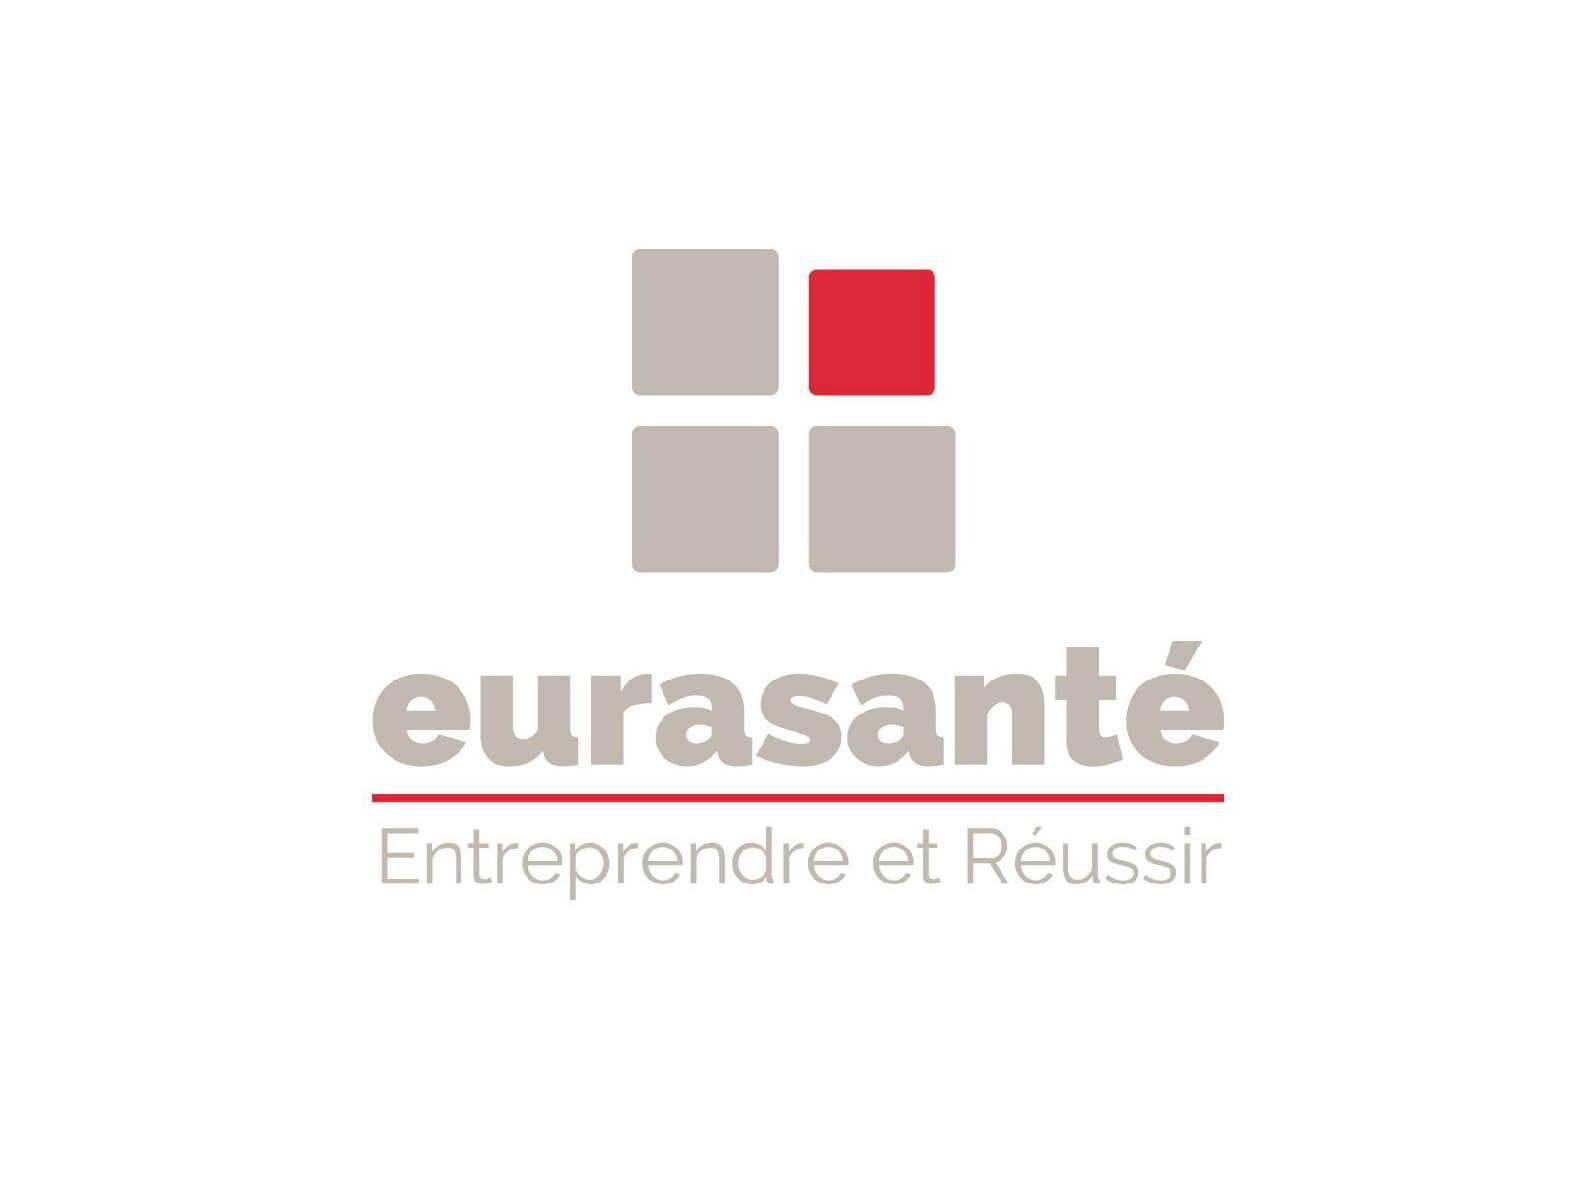 agence kayak communication web lille nord eurasanté entreprendre réussir